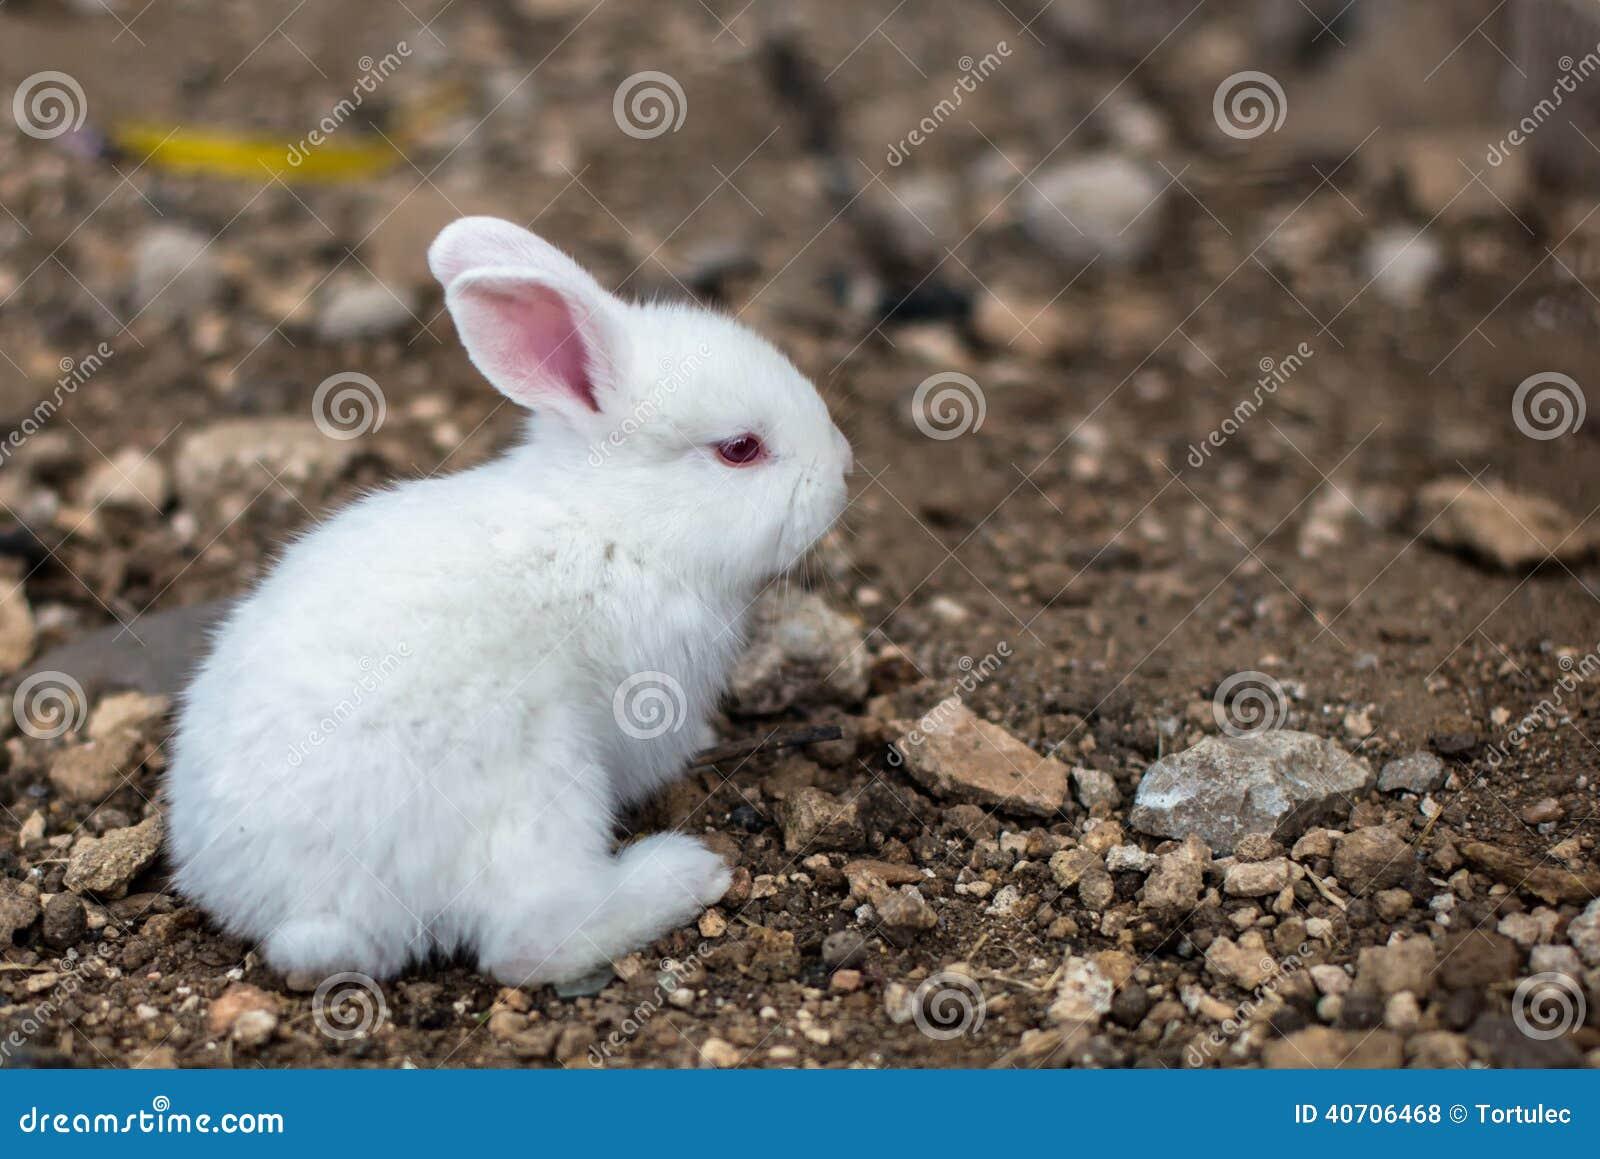 Baby white rabbit stock photo. Image of rocks, standup ...